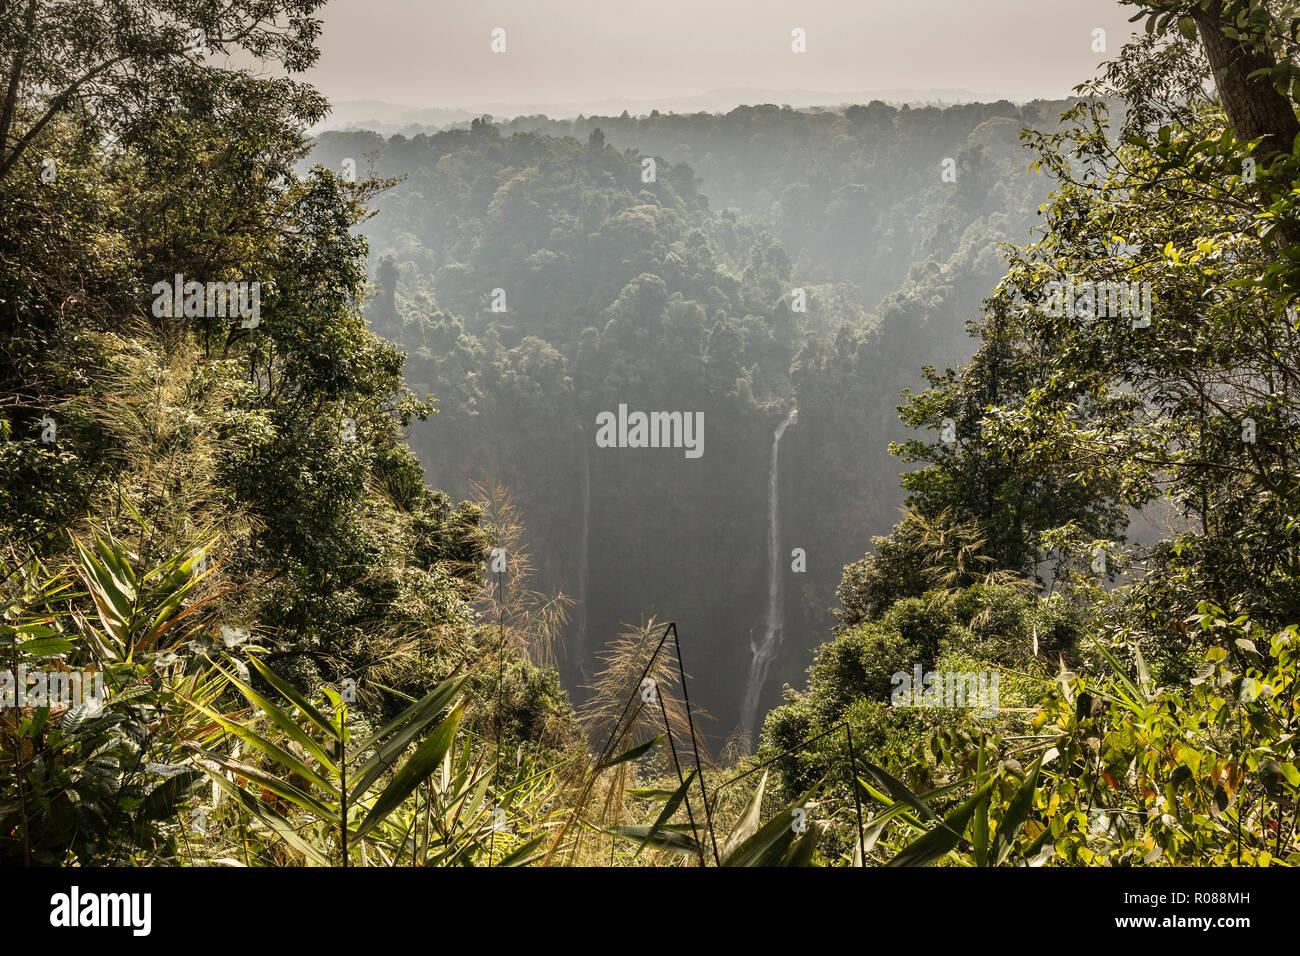 Cascade de Tad Fane, Plateau des Bolavens, Pakse, Laos. Banque D'Images